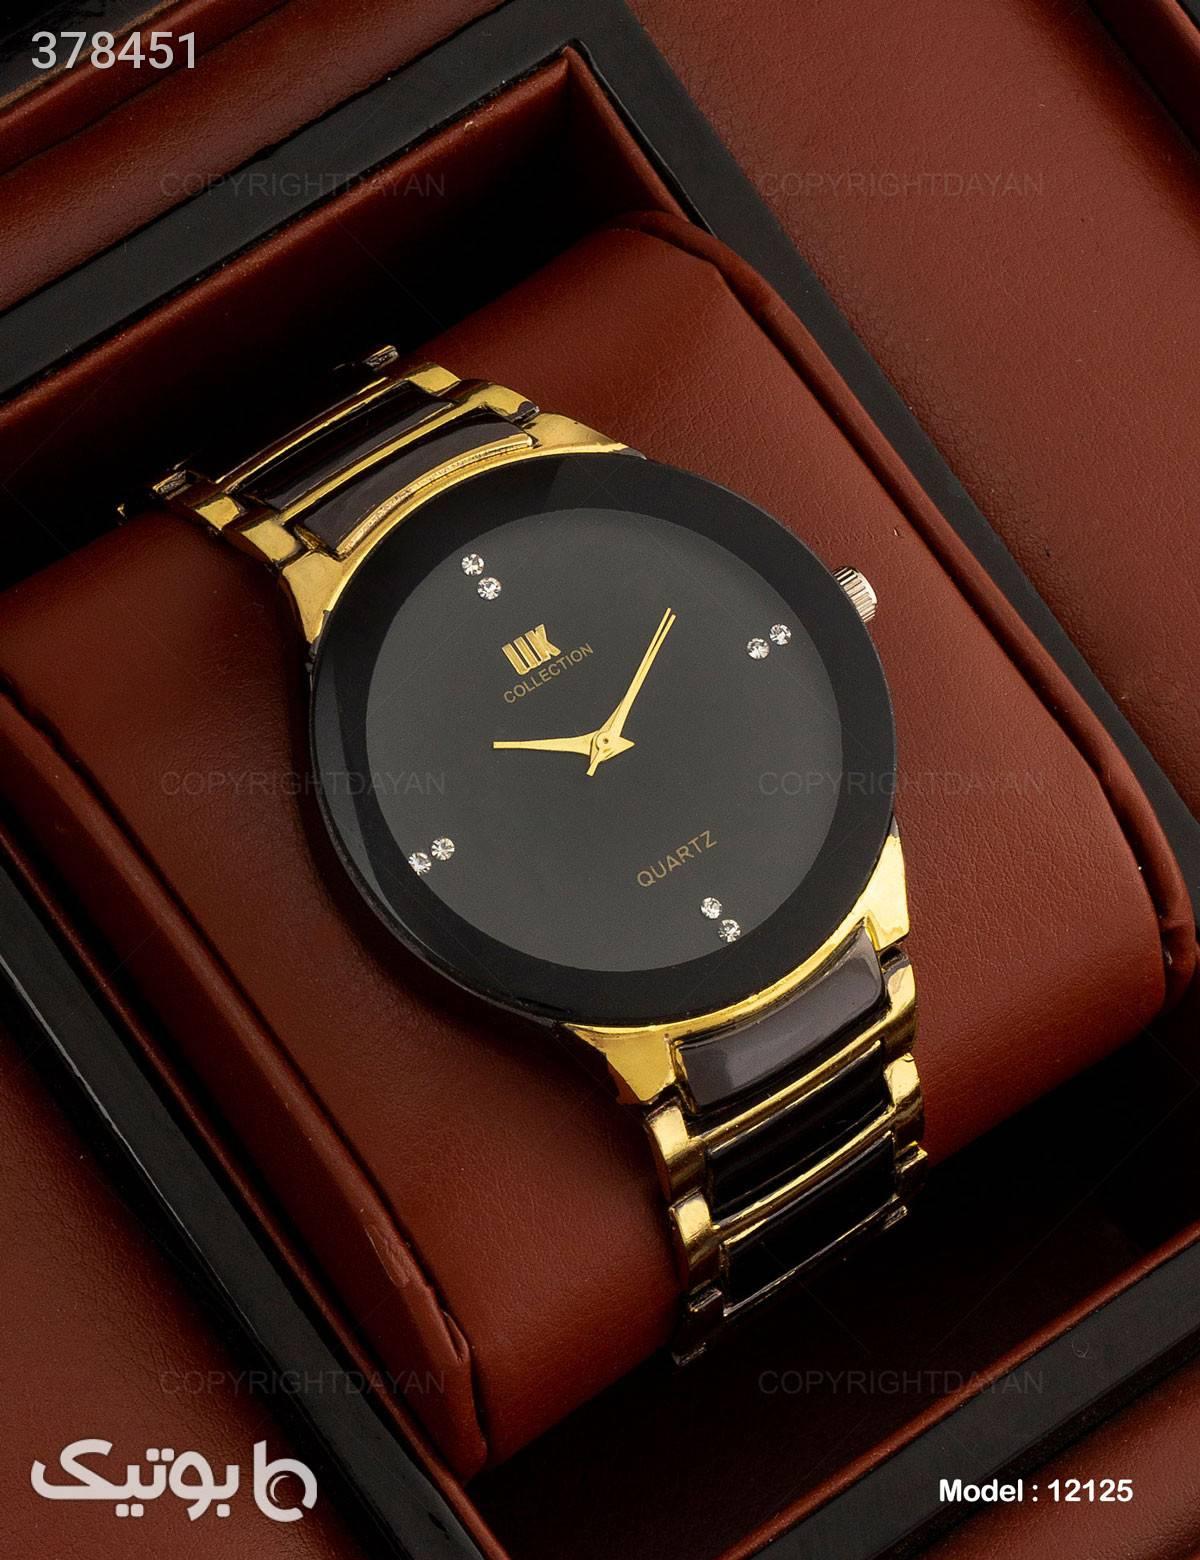 ساعت مچی مردانه IIk Collection مدل 12125 مشکی ساعت